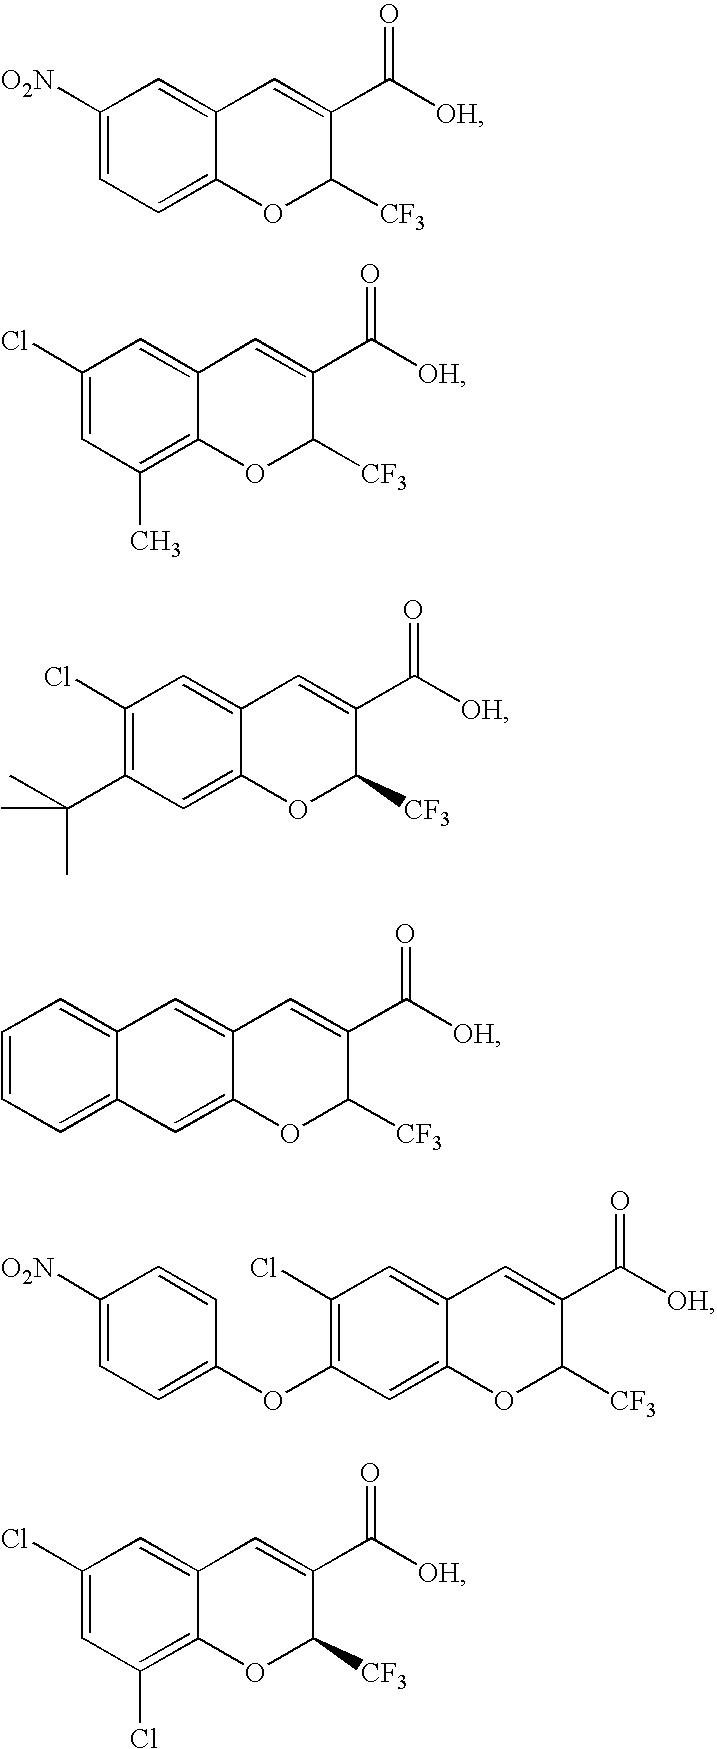 Figure US20030211163A1-20031113-C00053